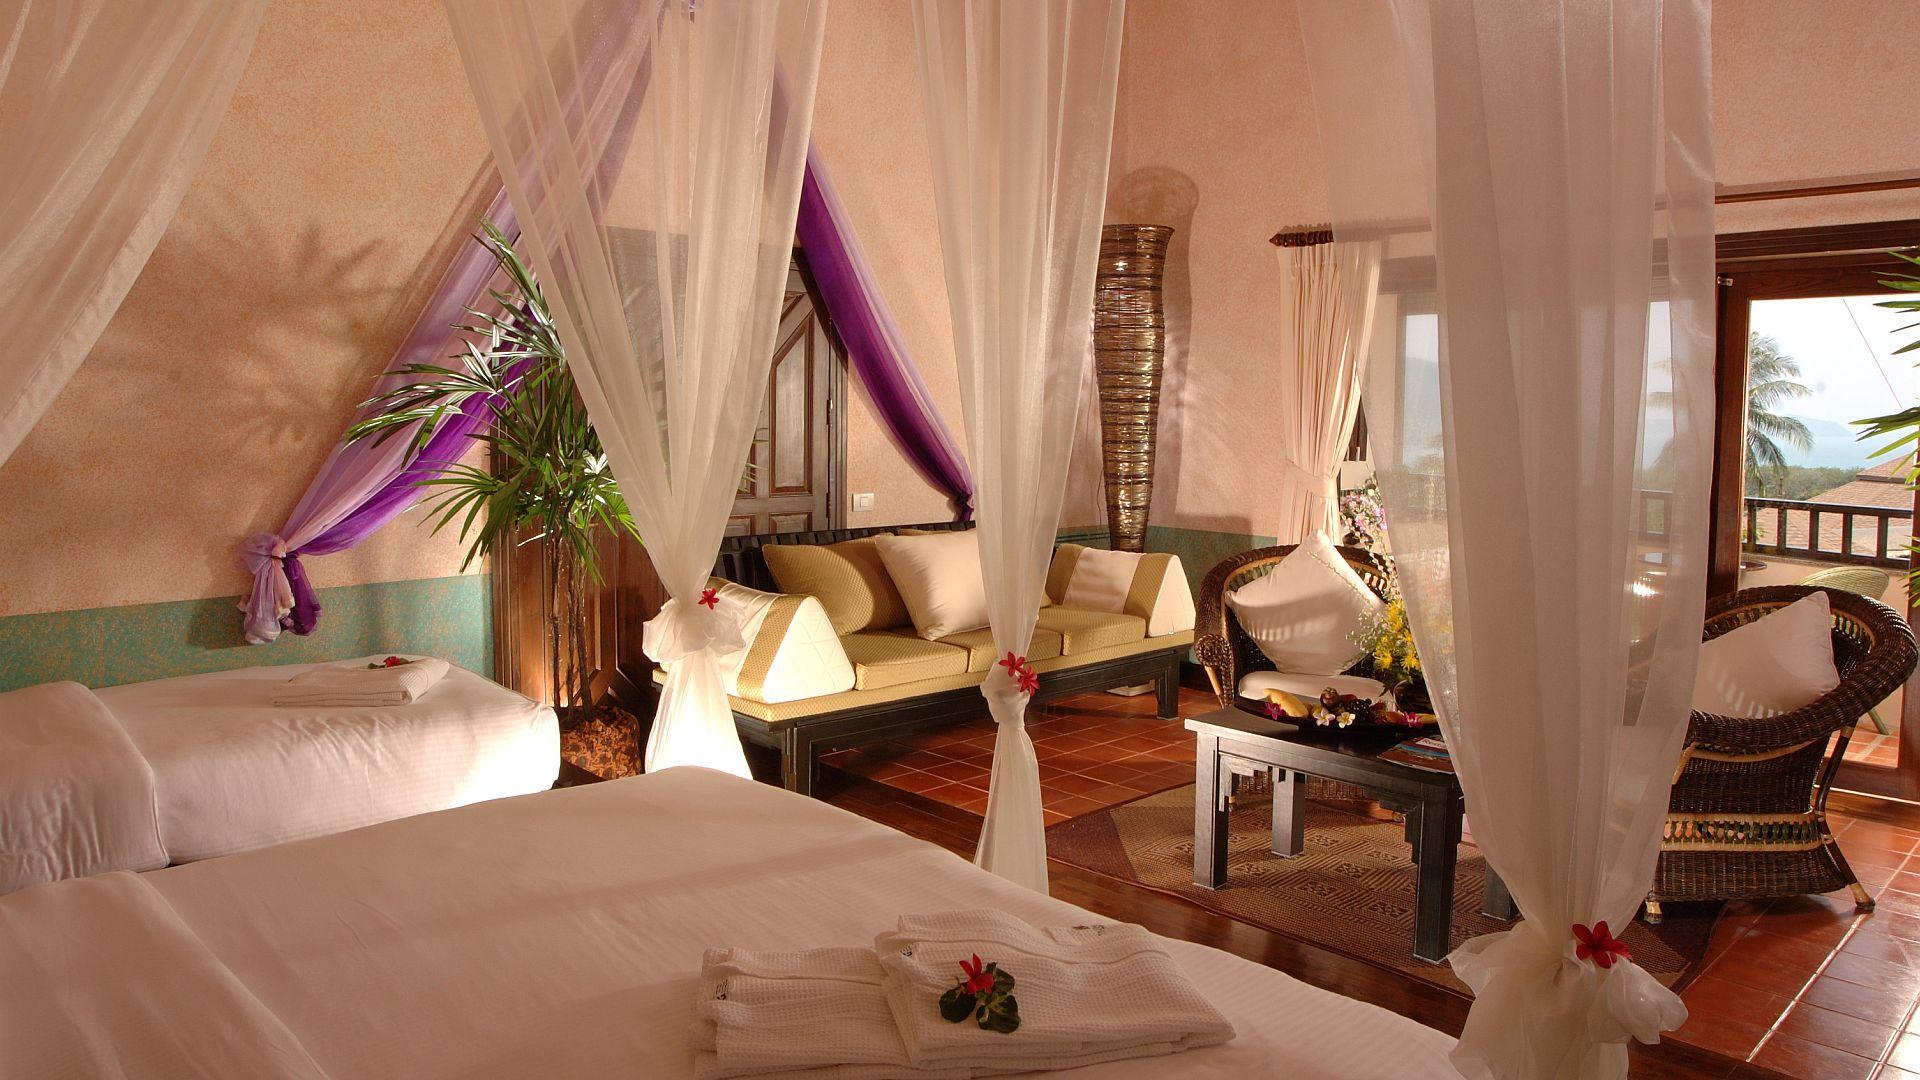 Phuket-Resorts-Mangosteen-Resort-and-Ayurveda-Spa-Royal-Jacuzzi-Villa-Bedroom